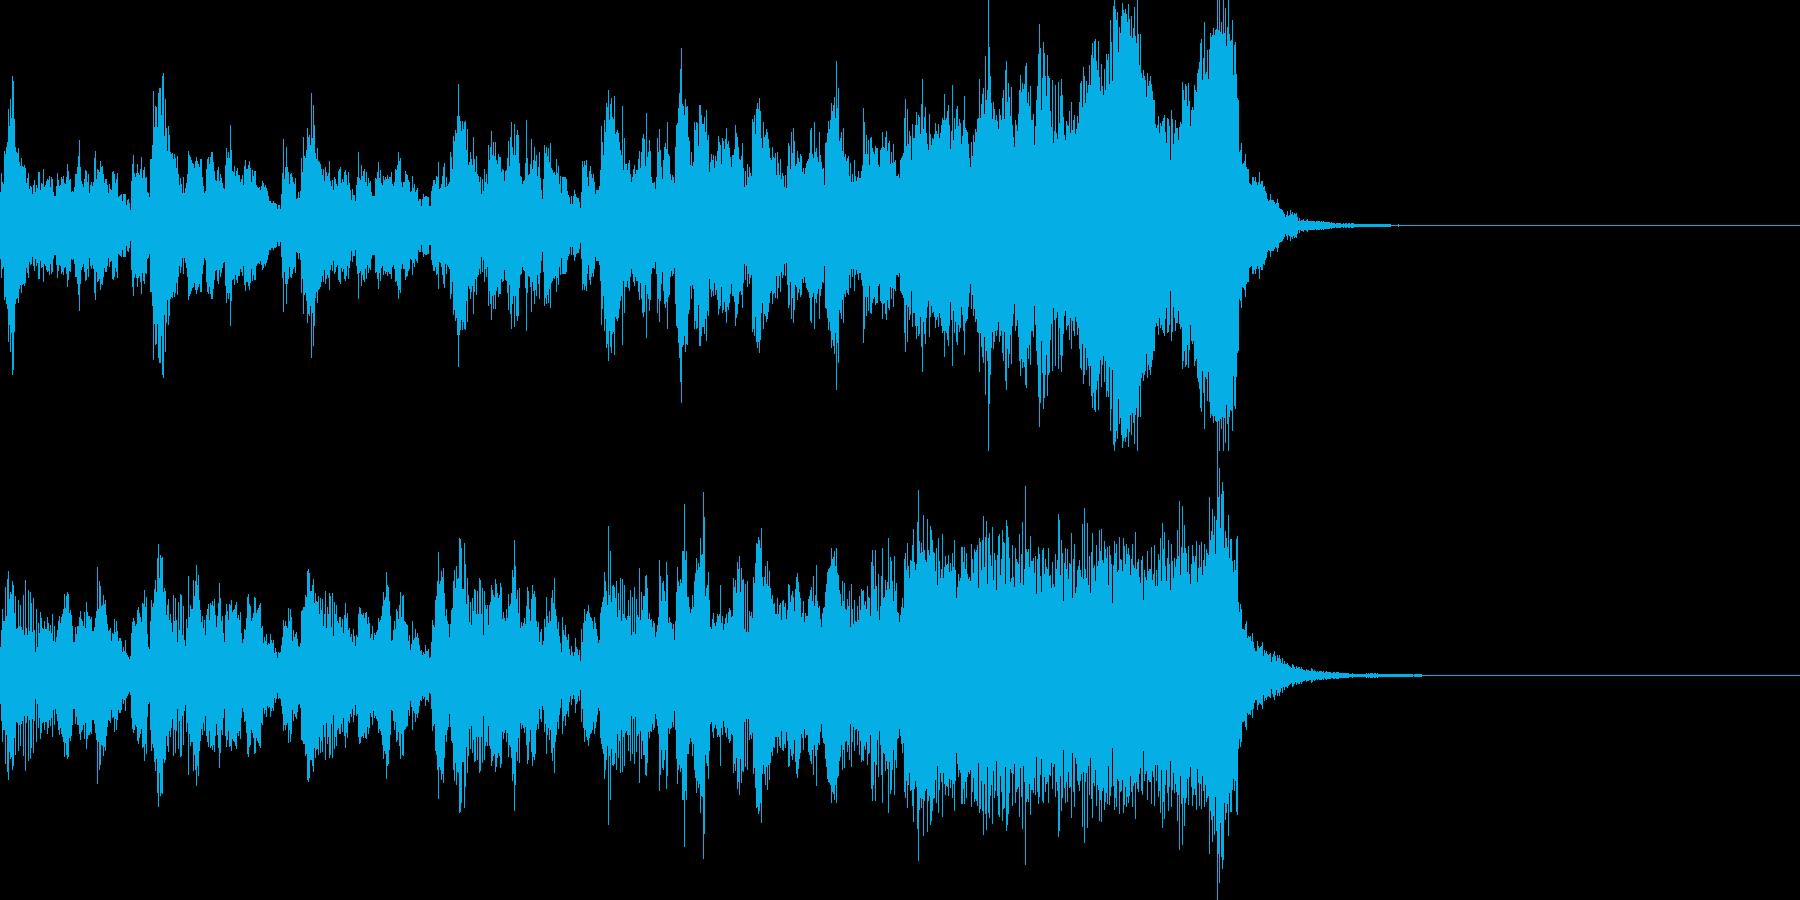 競馬をイメージしたファンファーレの再生済みの波形